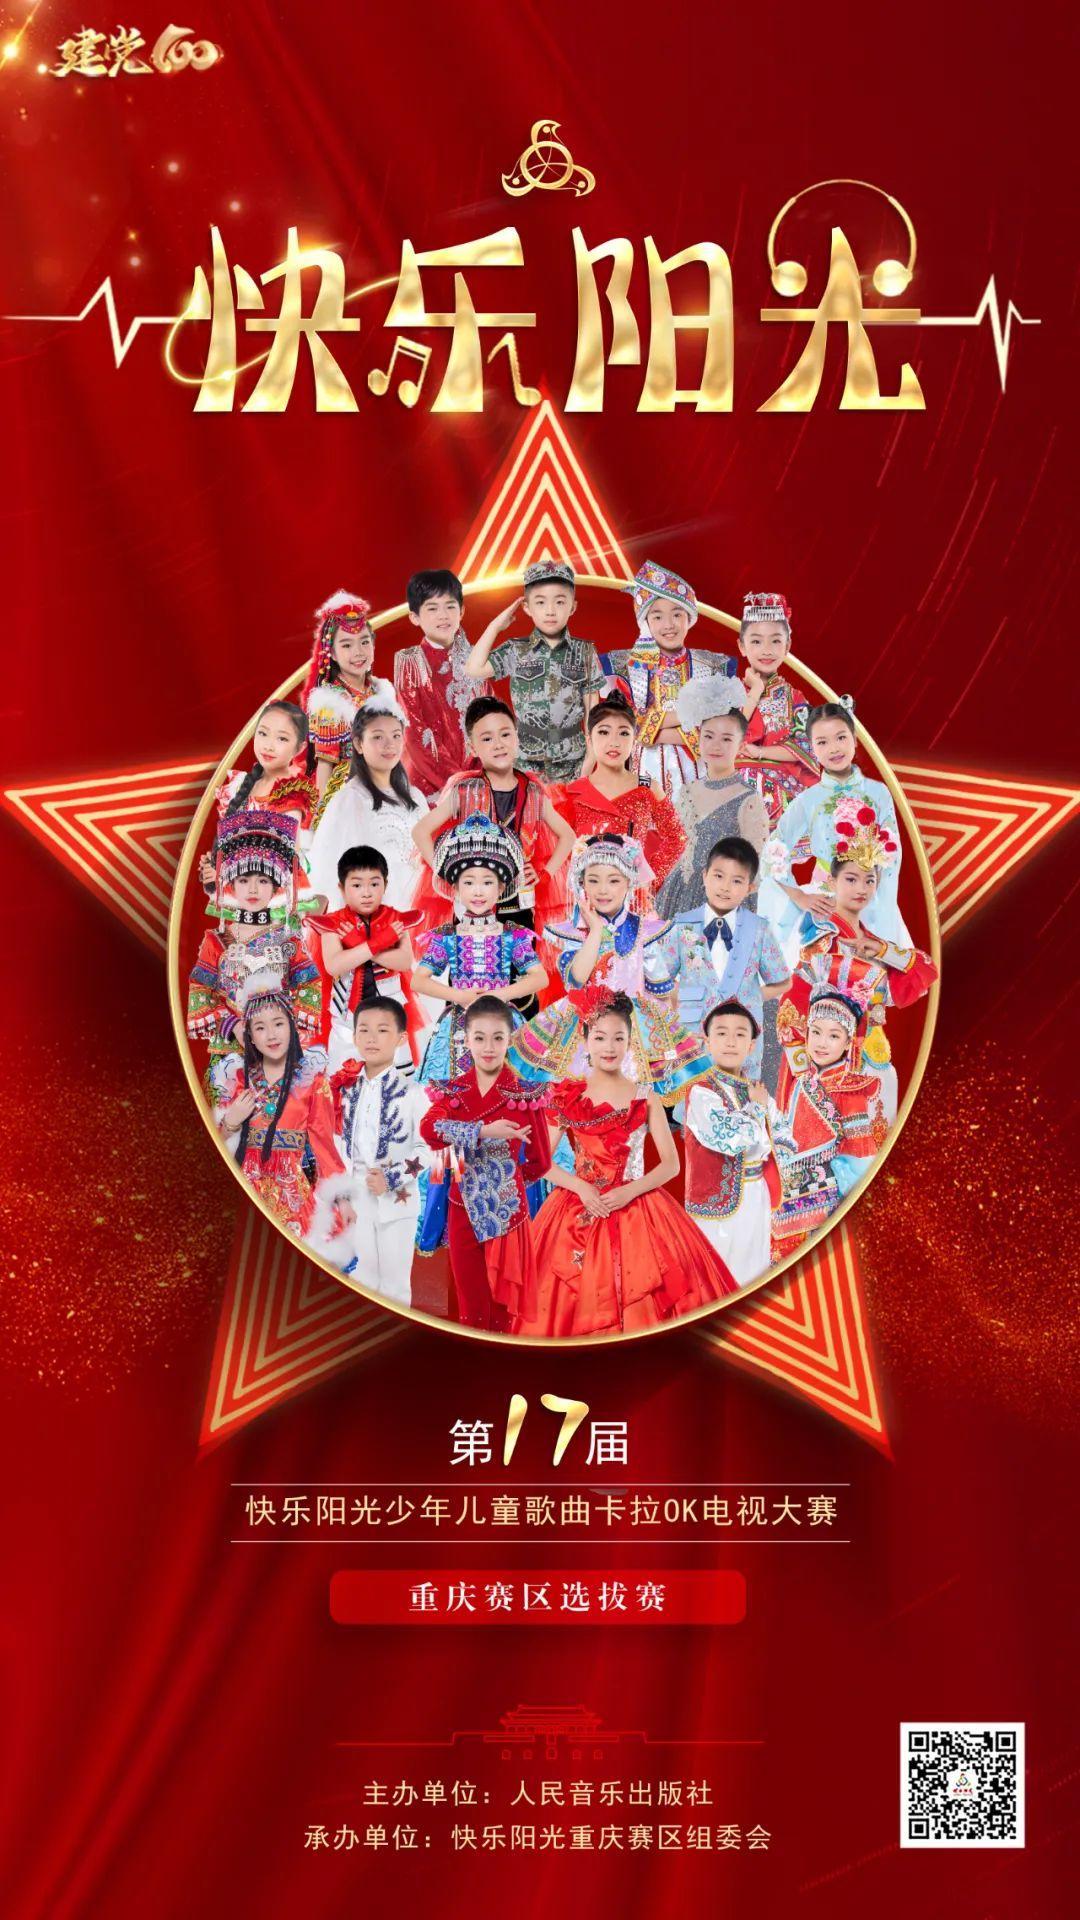 2021快乐阳光【重庆赛区】比赛通知 第1张